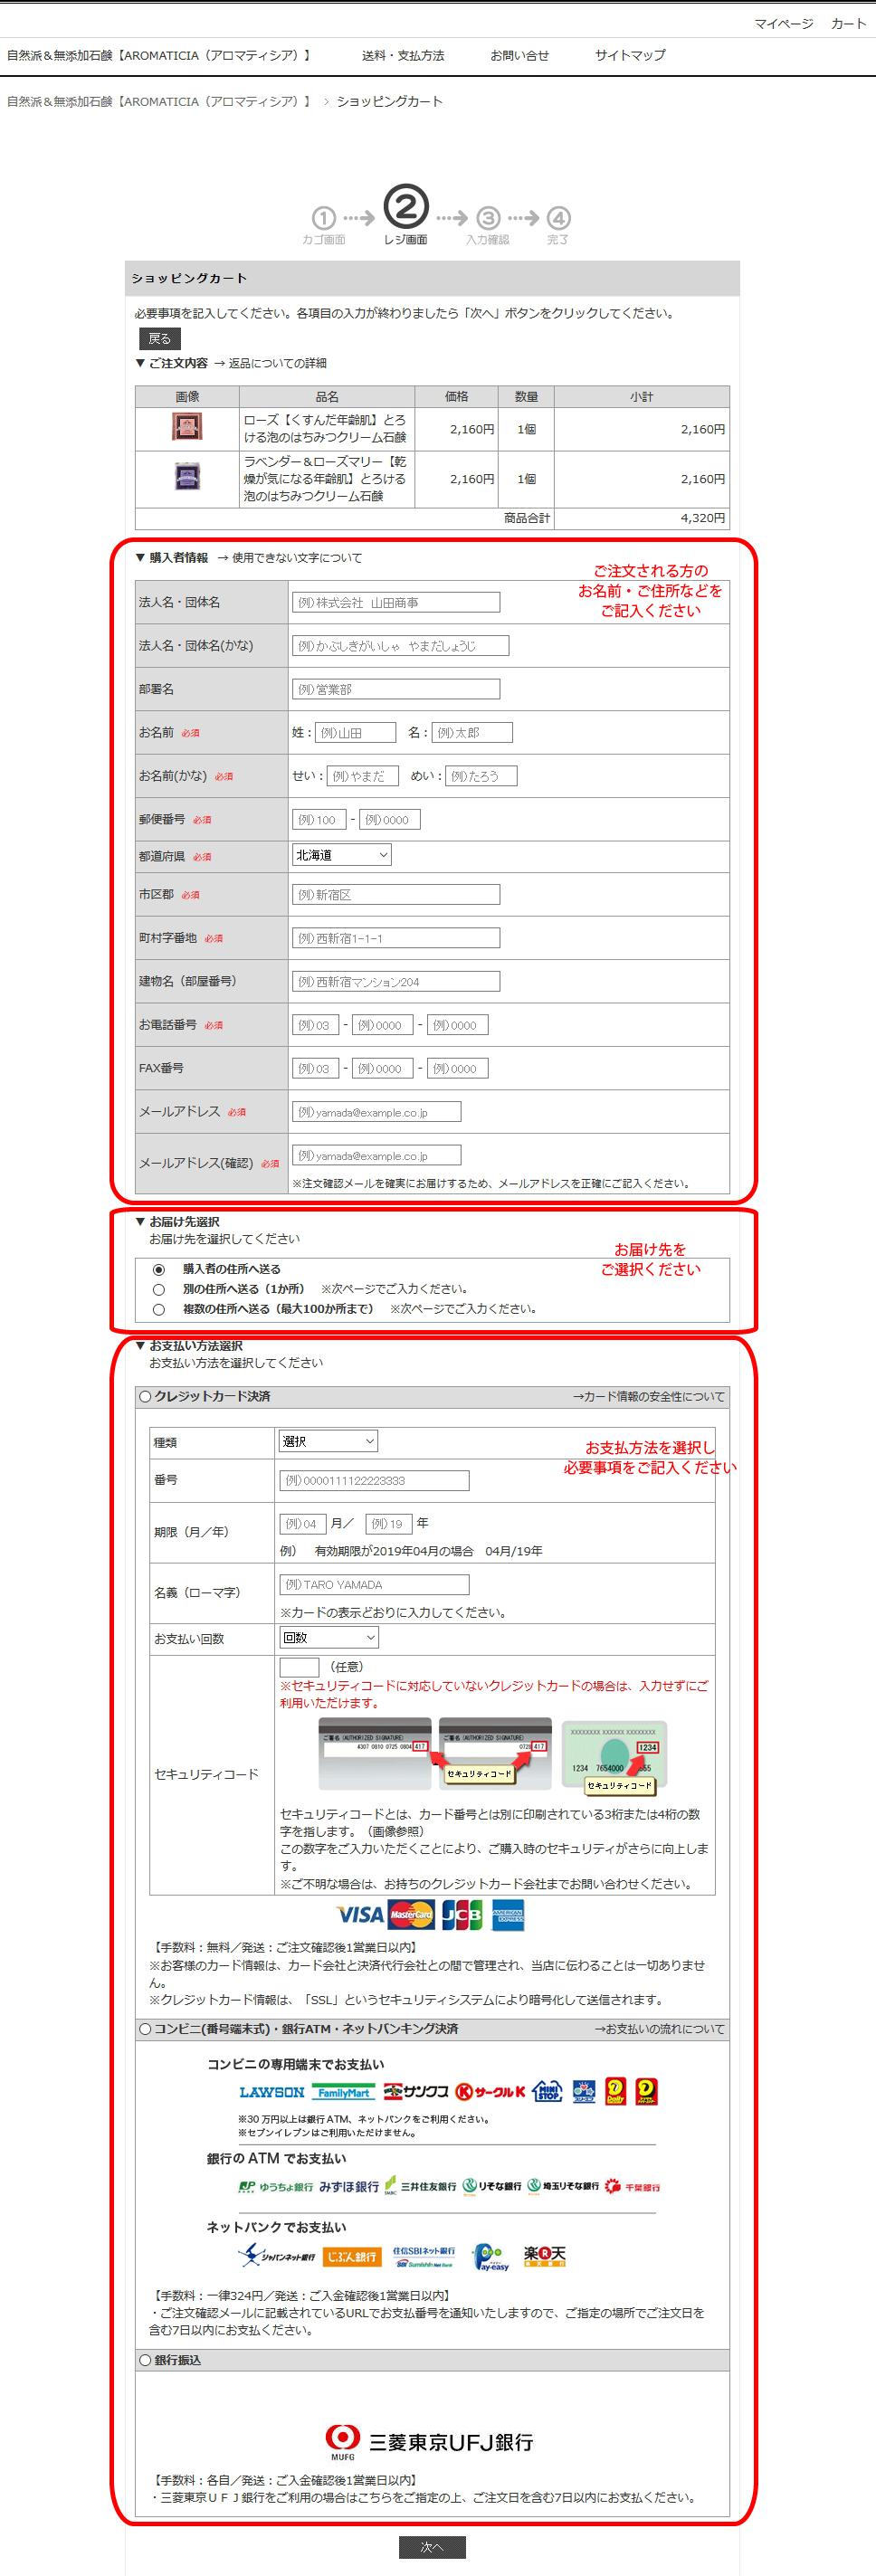 購入者情報のページ